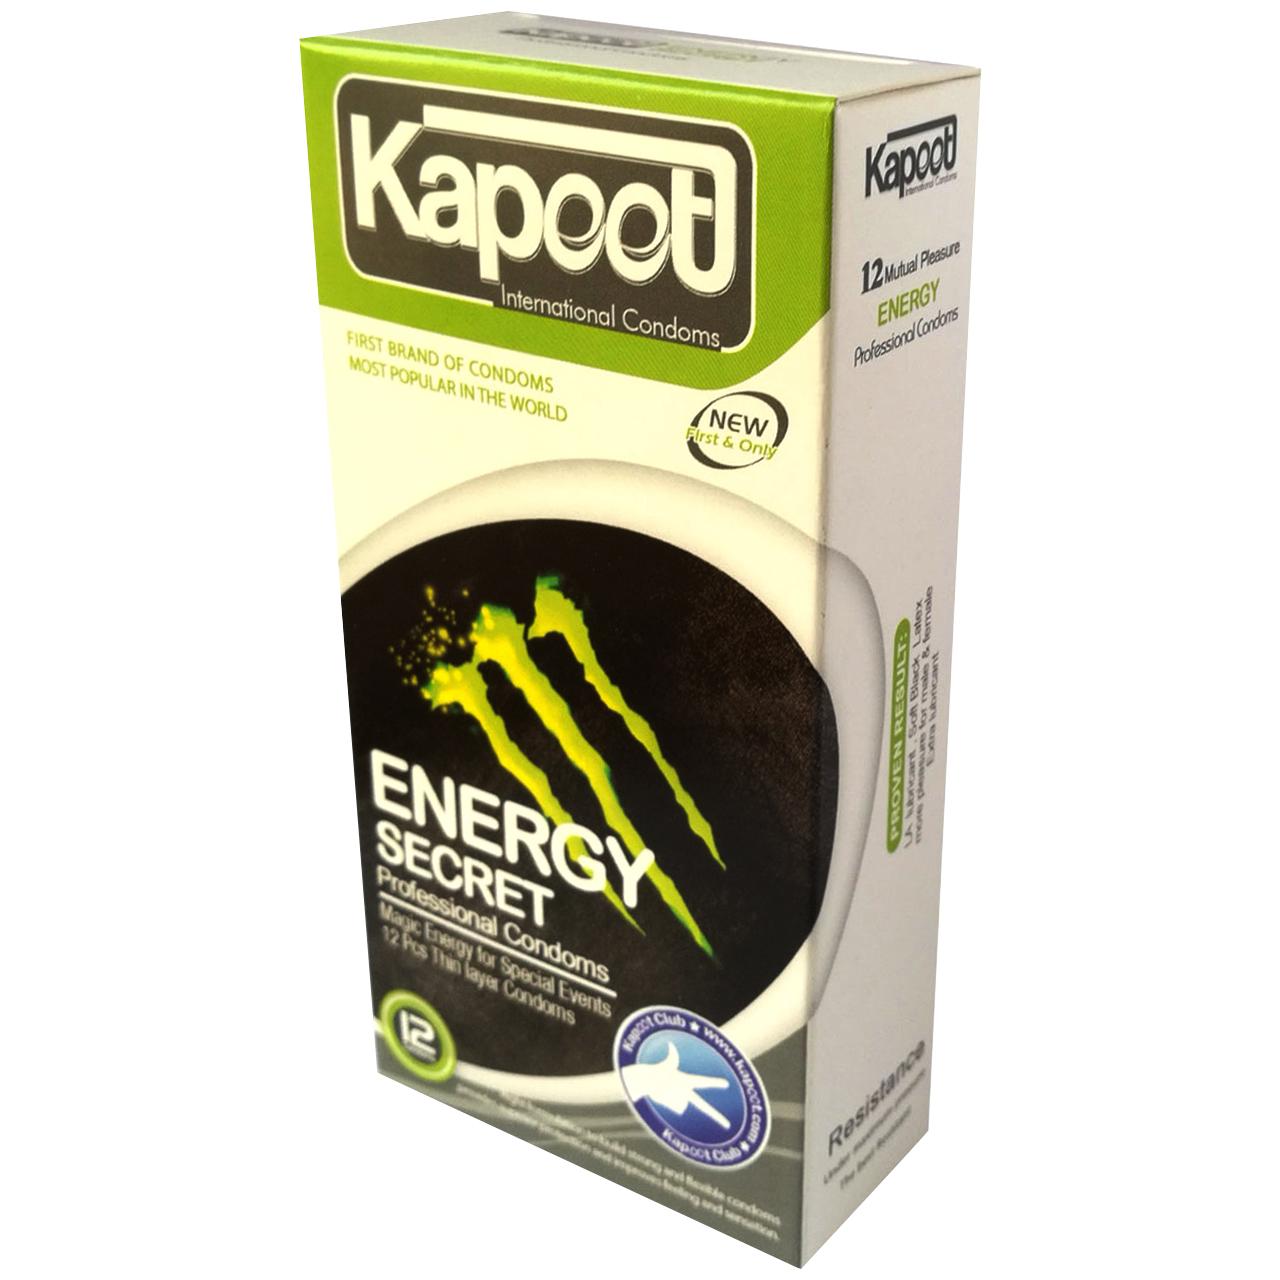 کاندوم کاپوت مدل energy Secret بسته 12 عددی